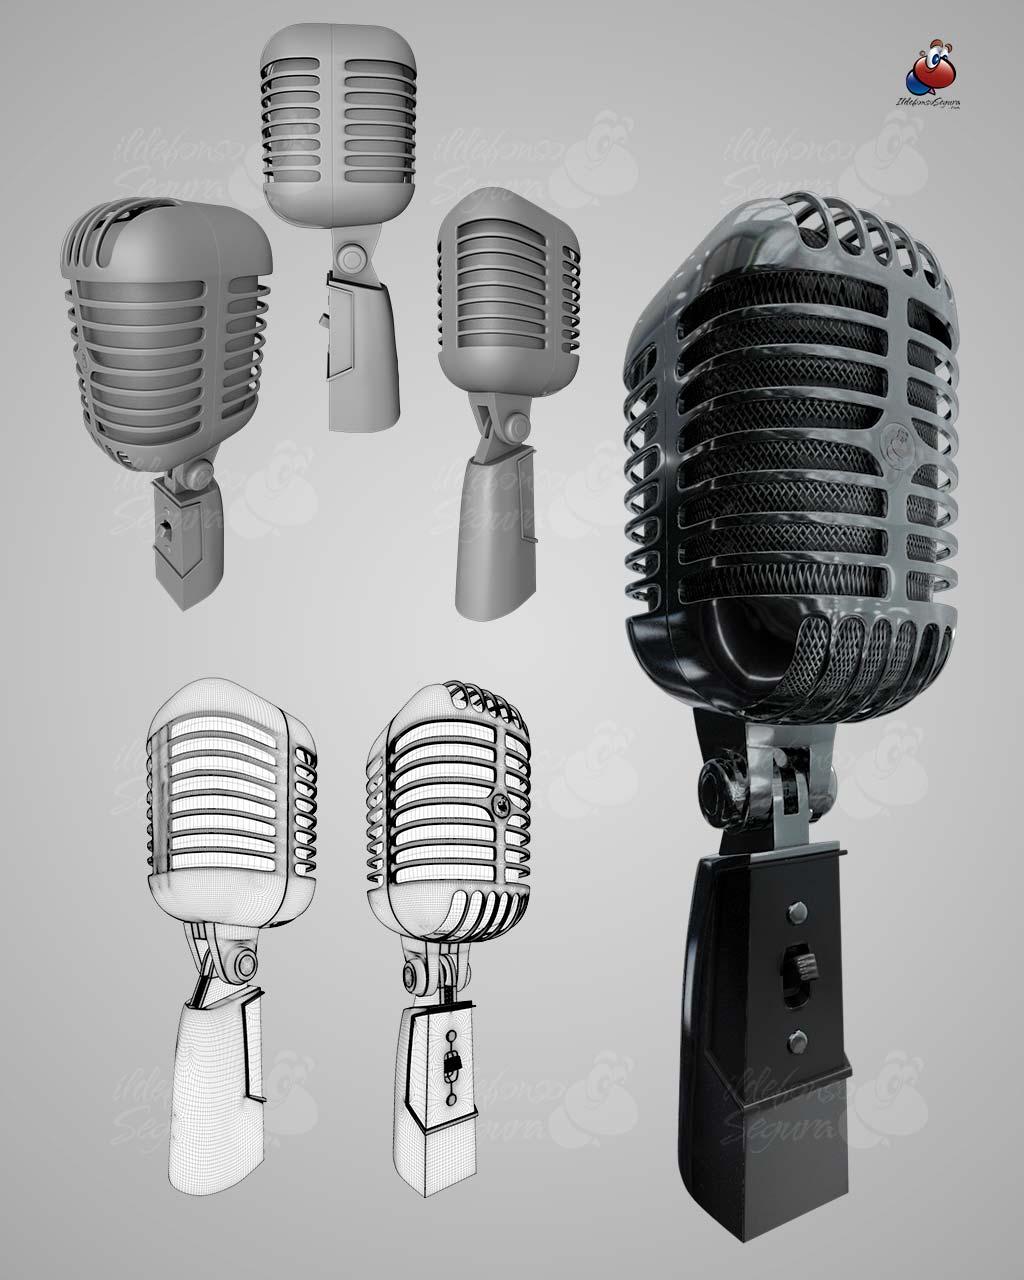 Regalo modelo 3d micrófono retro.